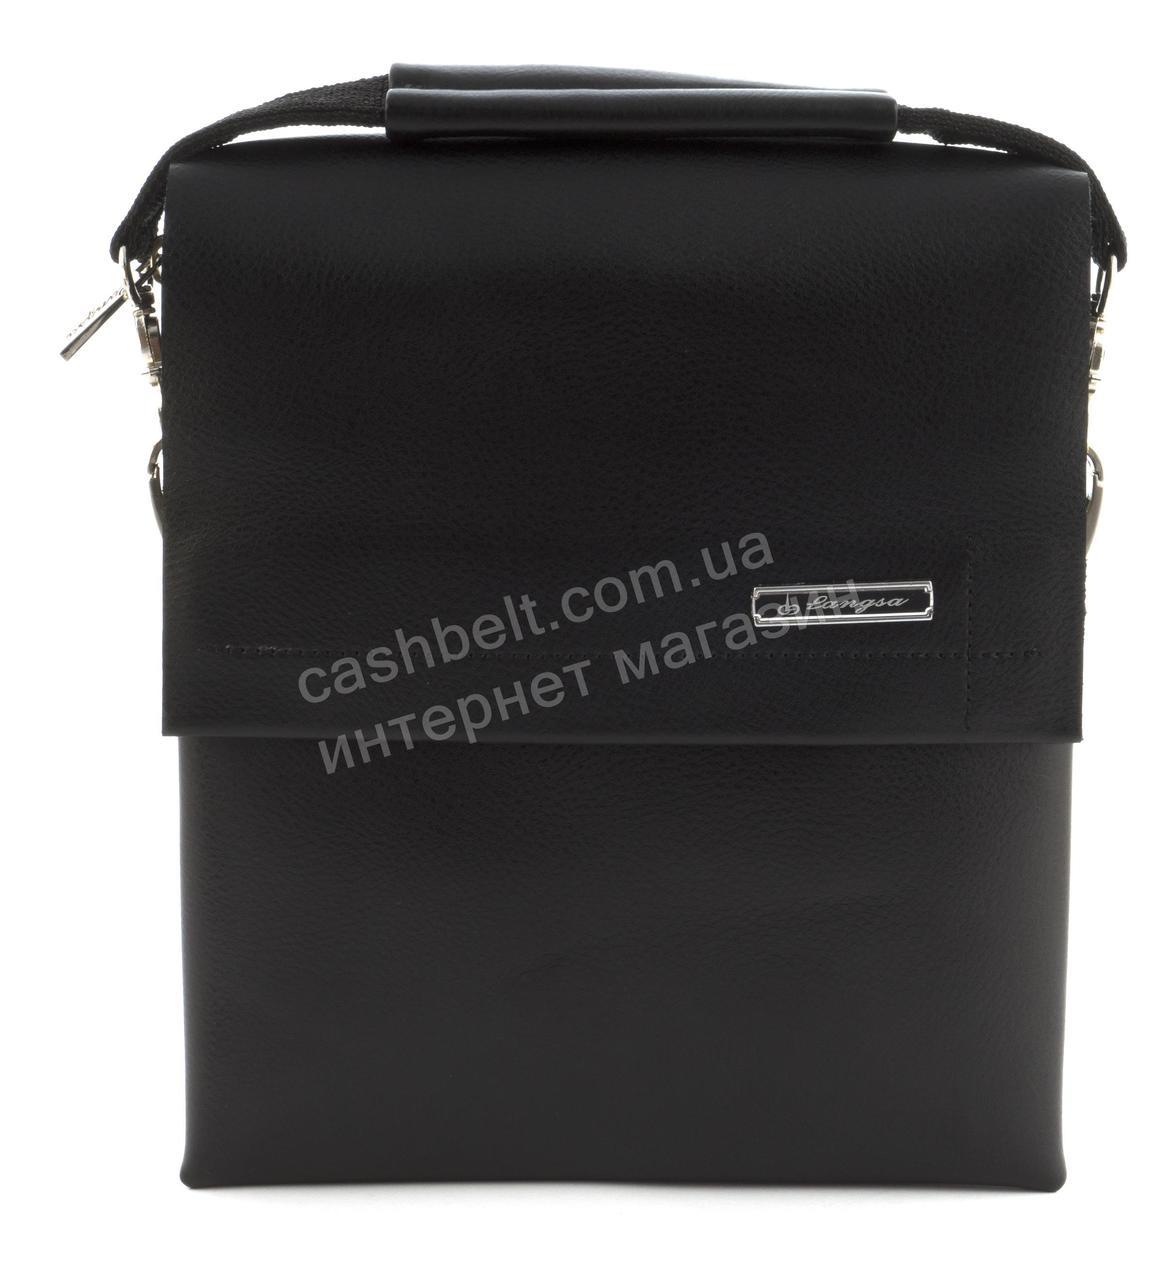 Якісна міцна чоловіча сумка почтальонка з якісної шкіри PU LANGSA art. TP9888-2 чорний